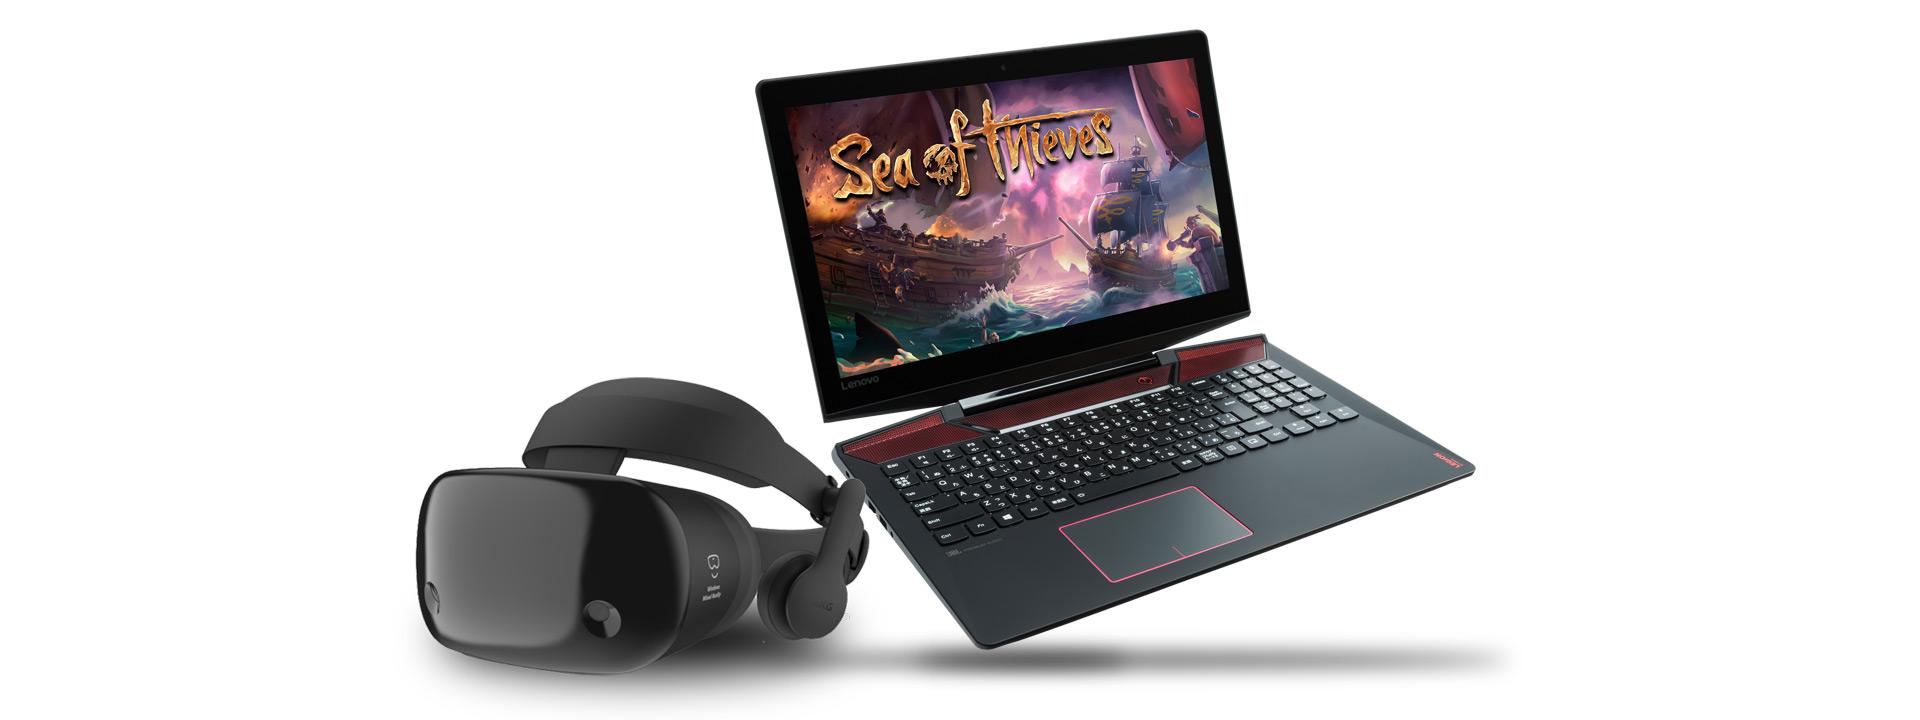 Casque Windows Mixed Reality avec un ordinateur portable de jeu affichant Sea of Thieves sur l'écran